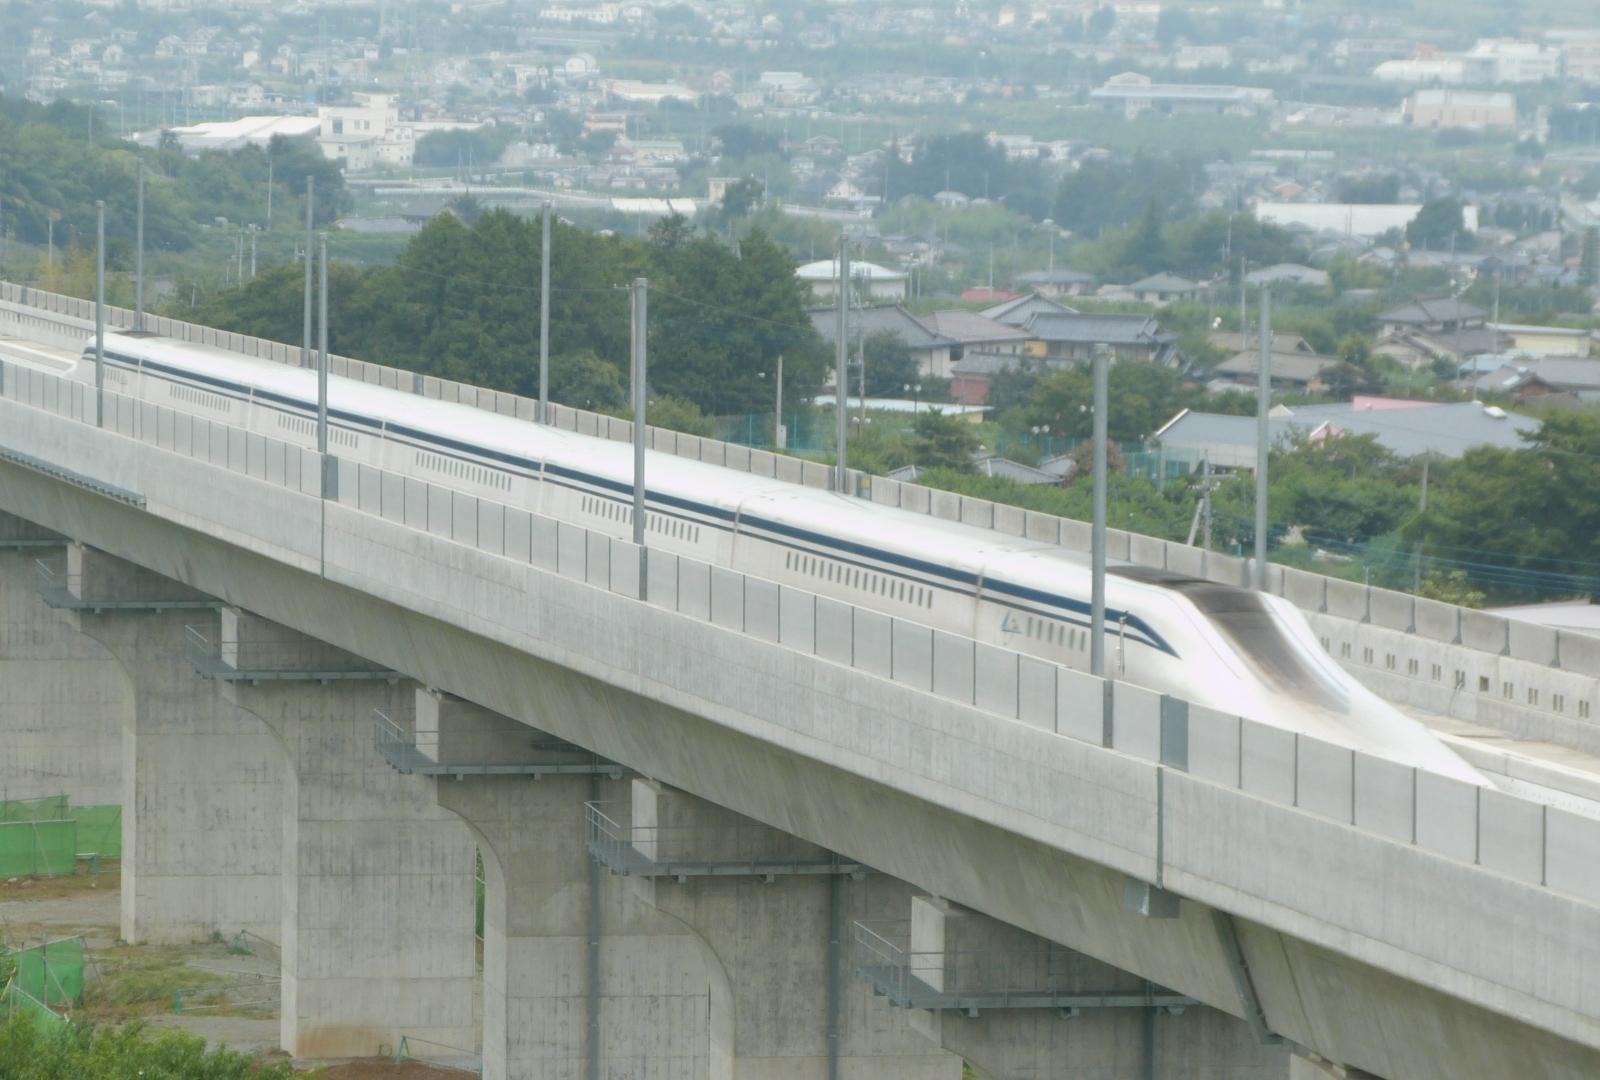 File:JR Central SCMaglev L0 Series Shinkansen 201408081002.jpg - Wikimedia Commons